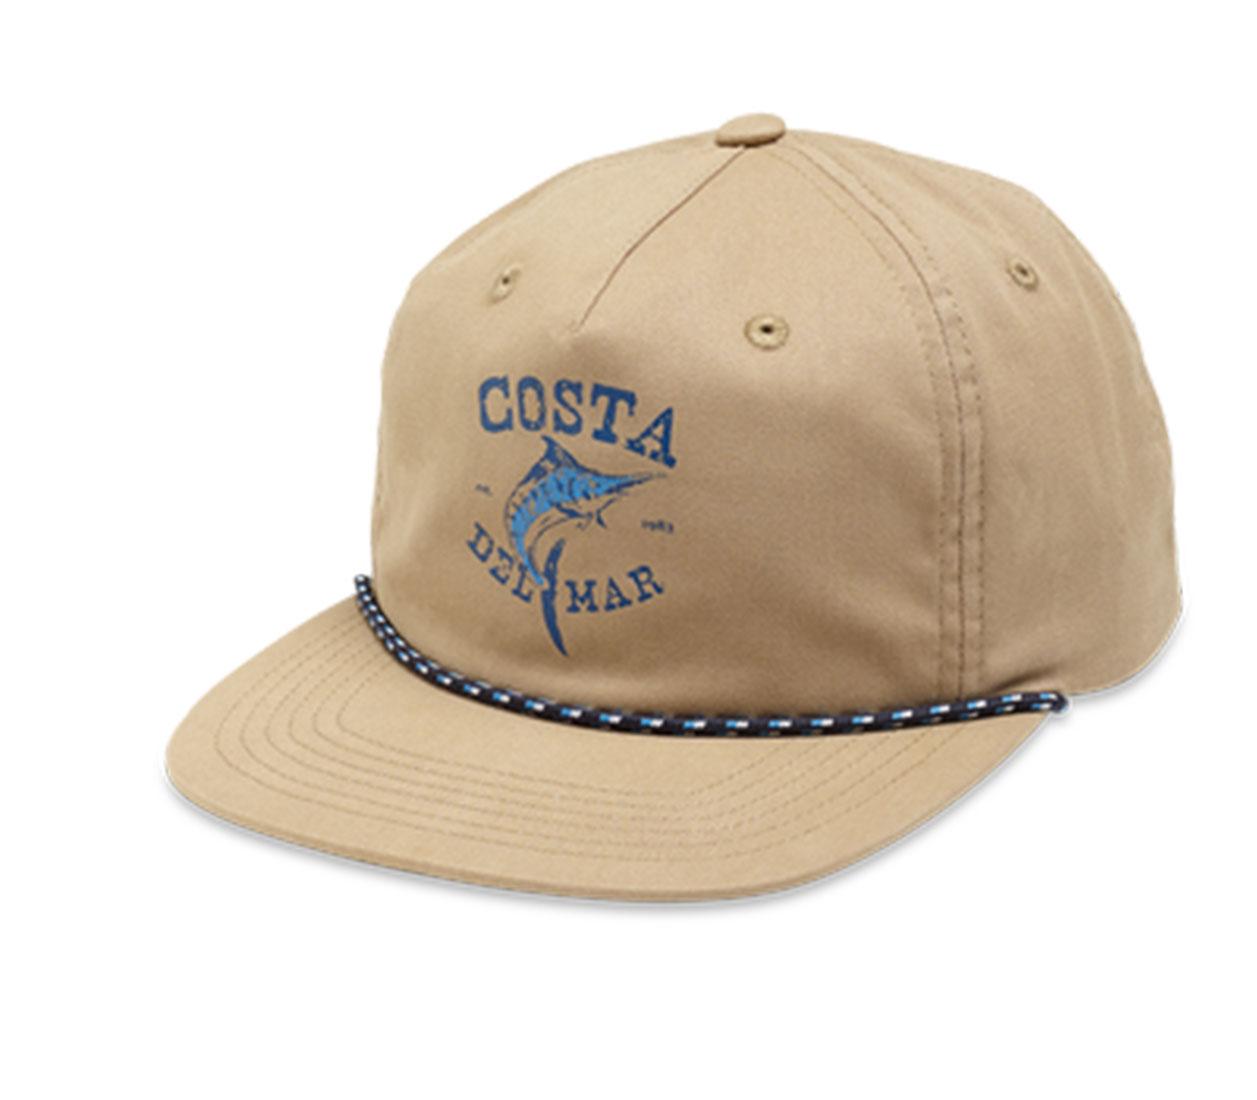 a9ef7c5b87a54 Costa Del Mar Twill Captains Hat